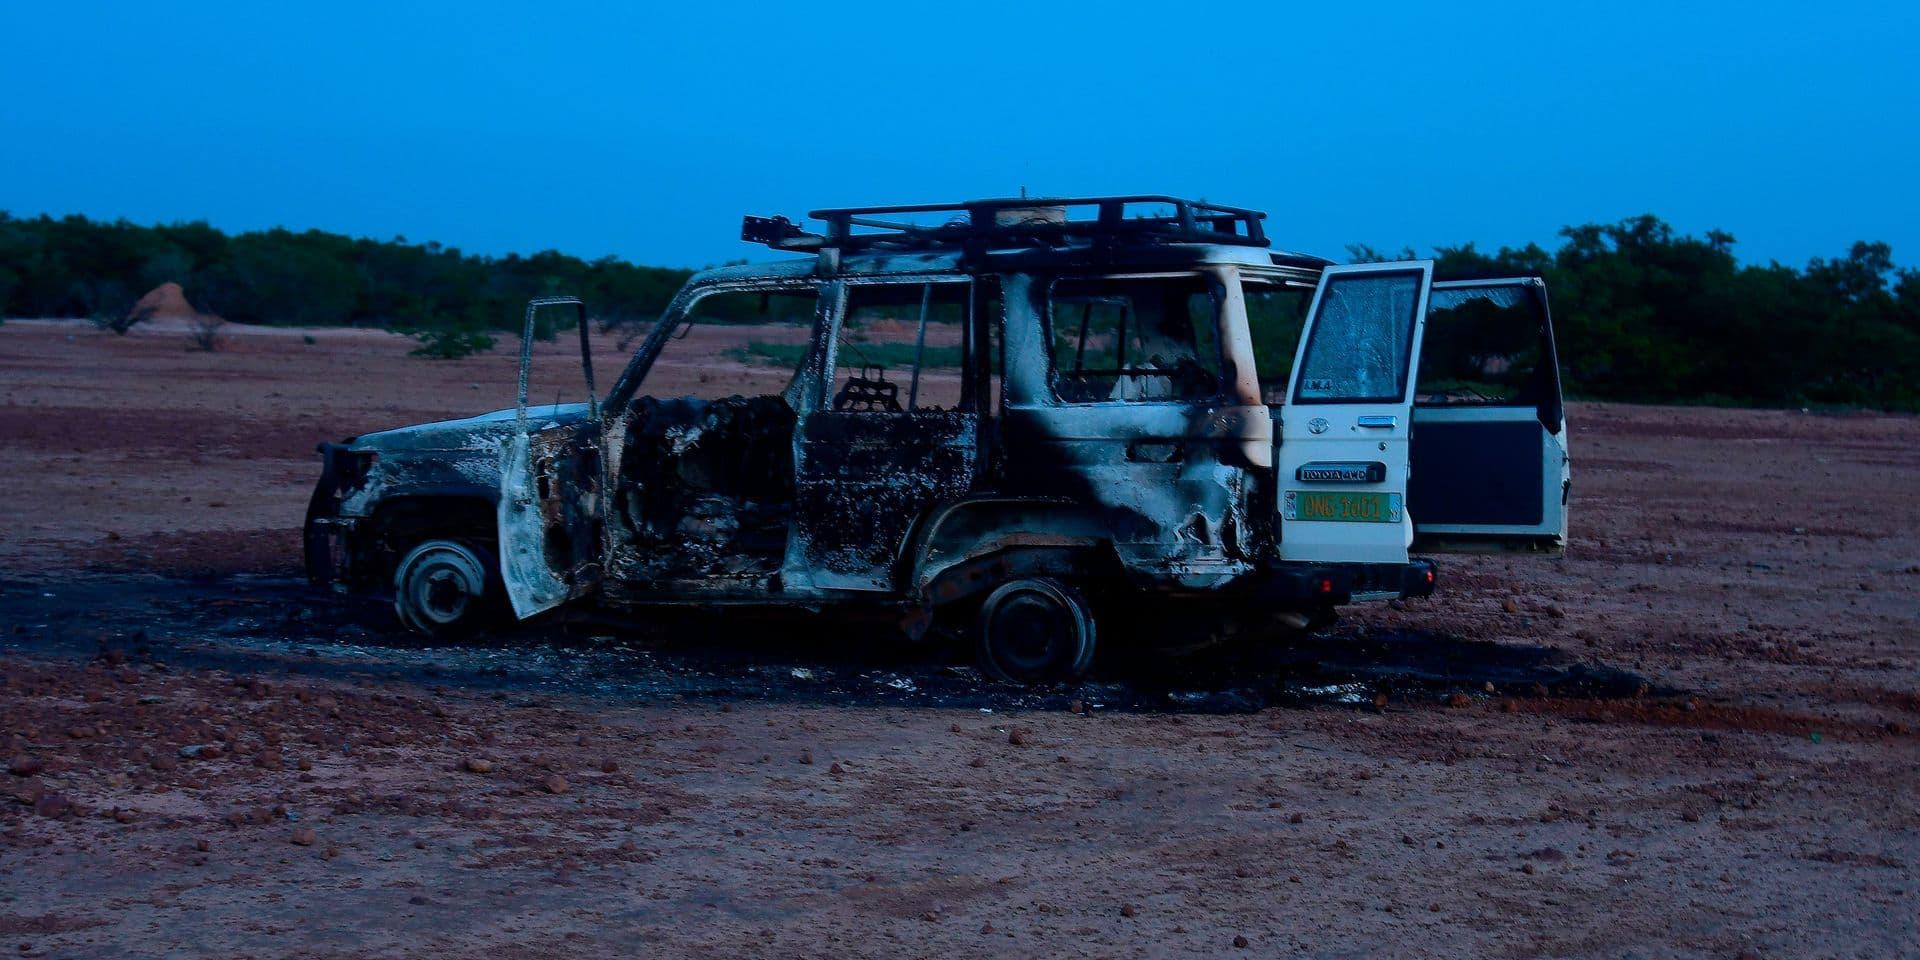 Des djihadistes sont-ils à l'origine de l'attaque au Niger ?